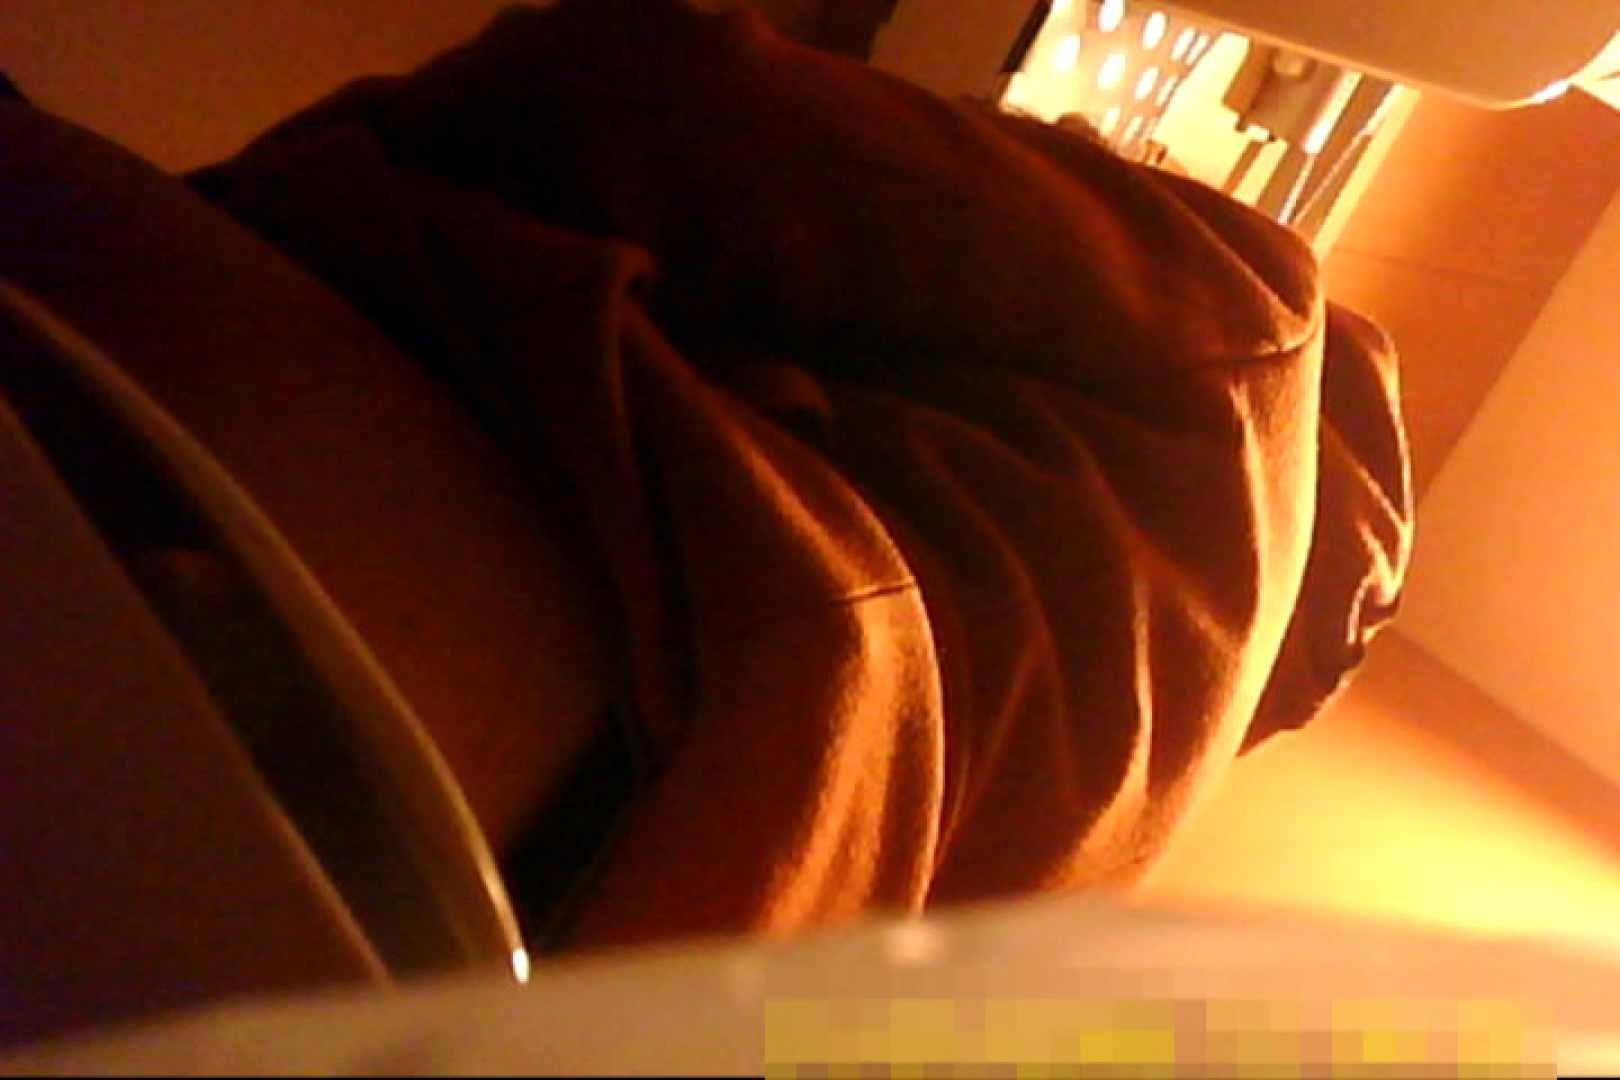 魅惑の化粧室~禁断のプライベート空間~vol.6 プライベート えろ無修正画像 78連発 20